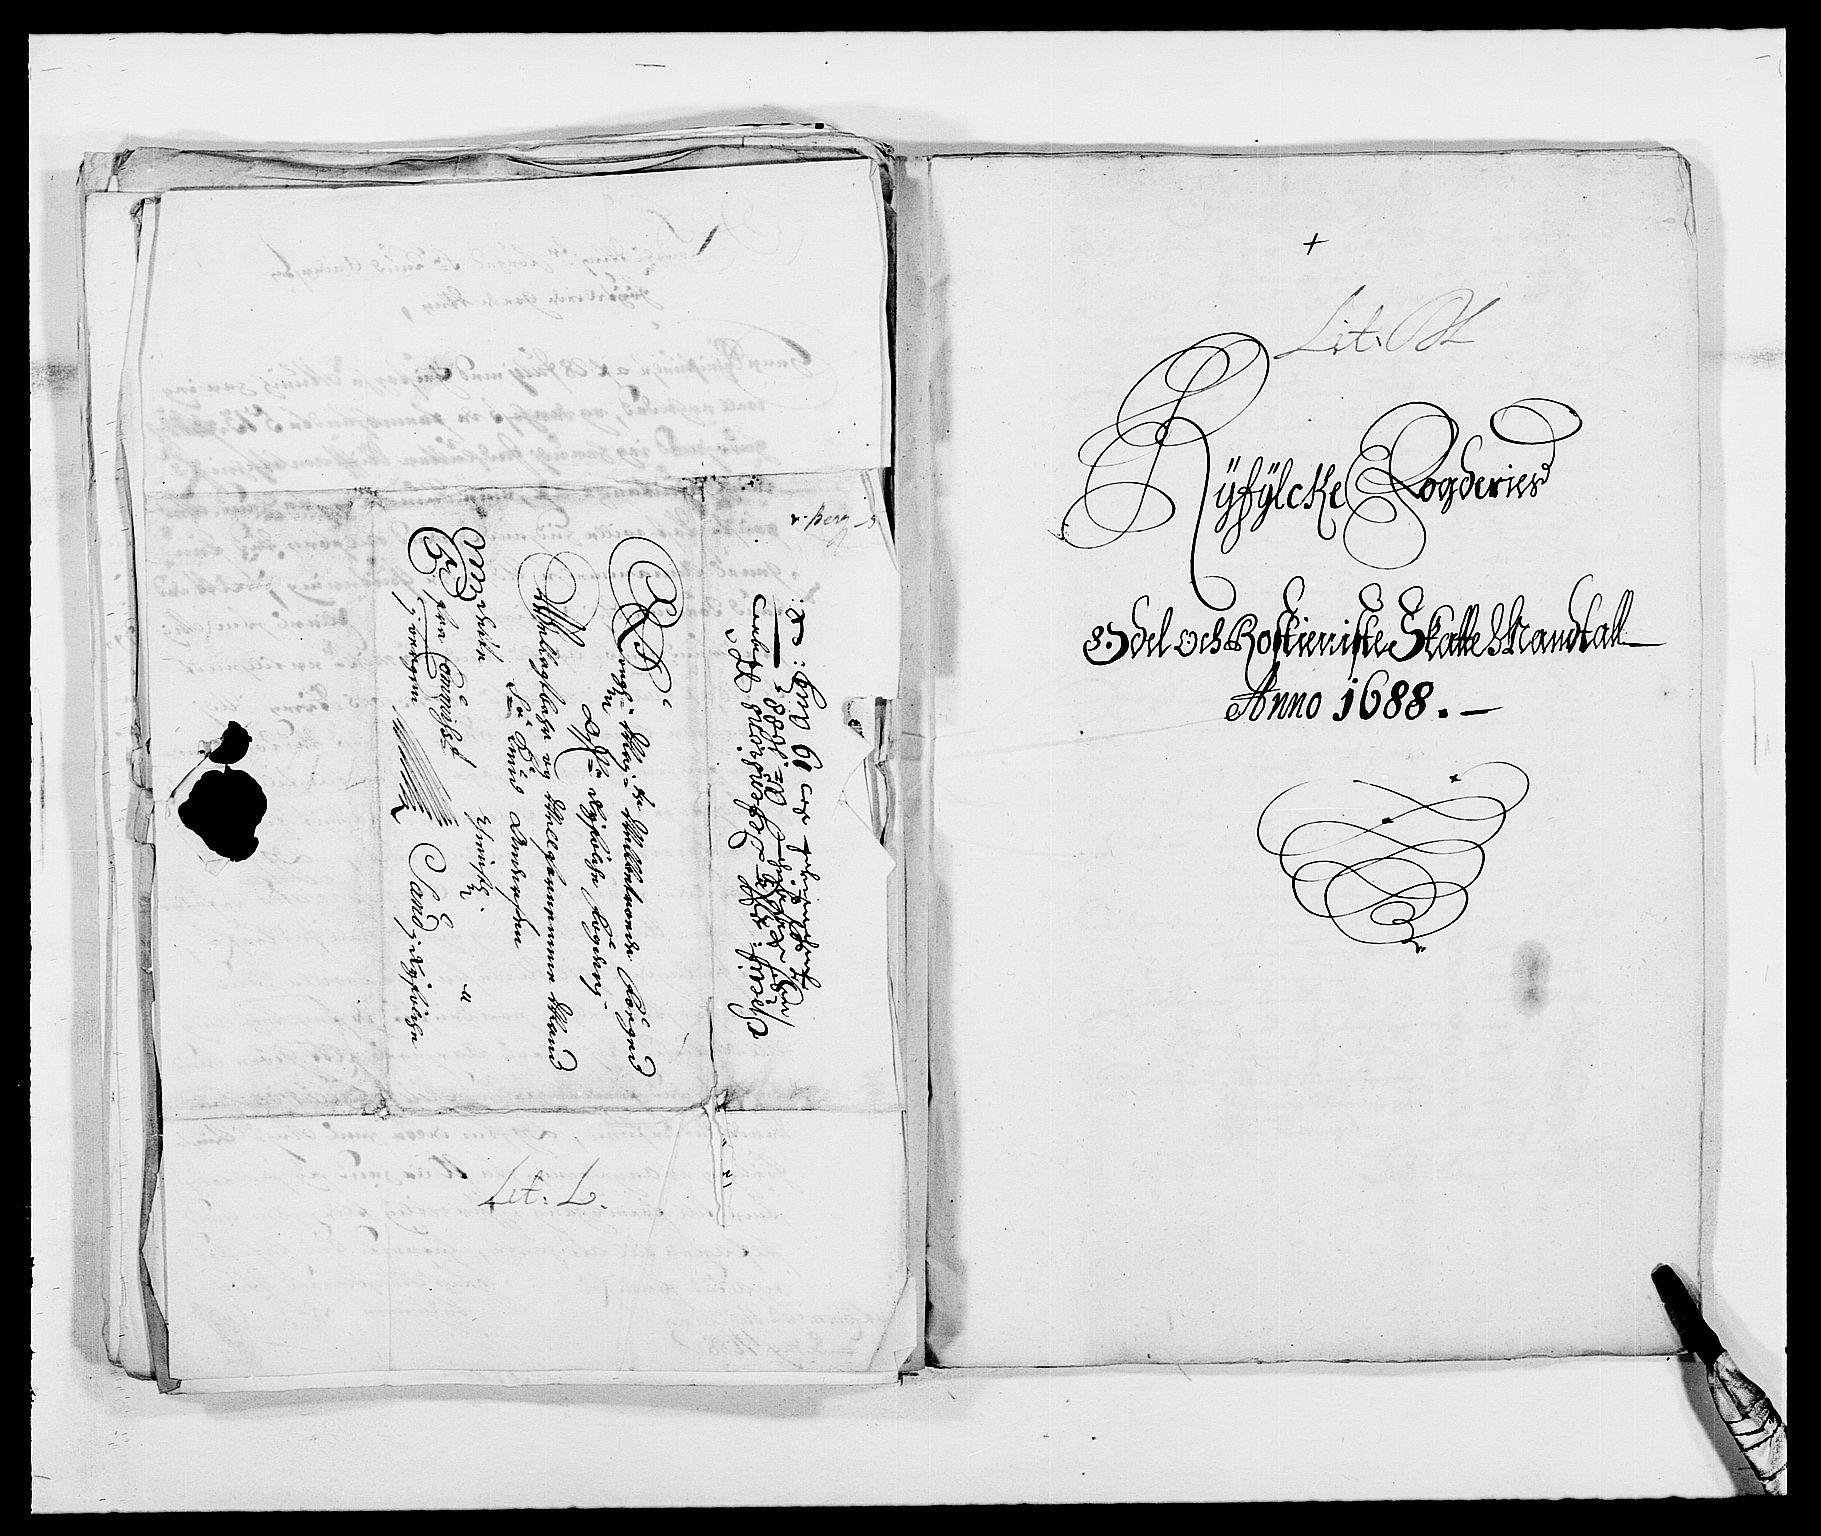 RA, Rentekammeret inntil 1814, Reviderte regnskaper, Fogderegnskap, R47/L2855: Fogderegnskap Ryfylke, 1685-1688, s. 392